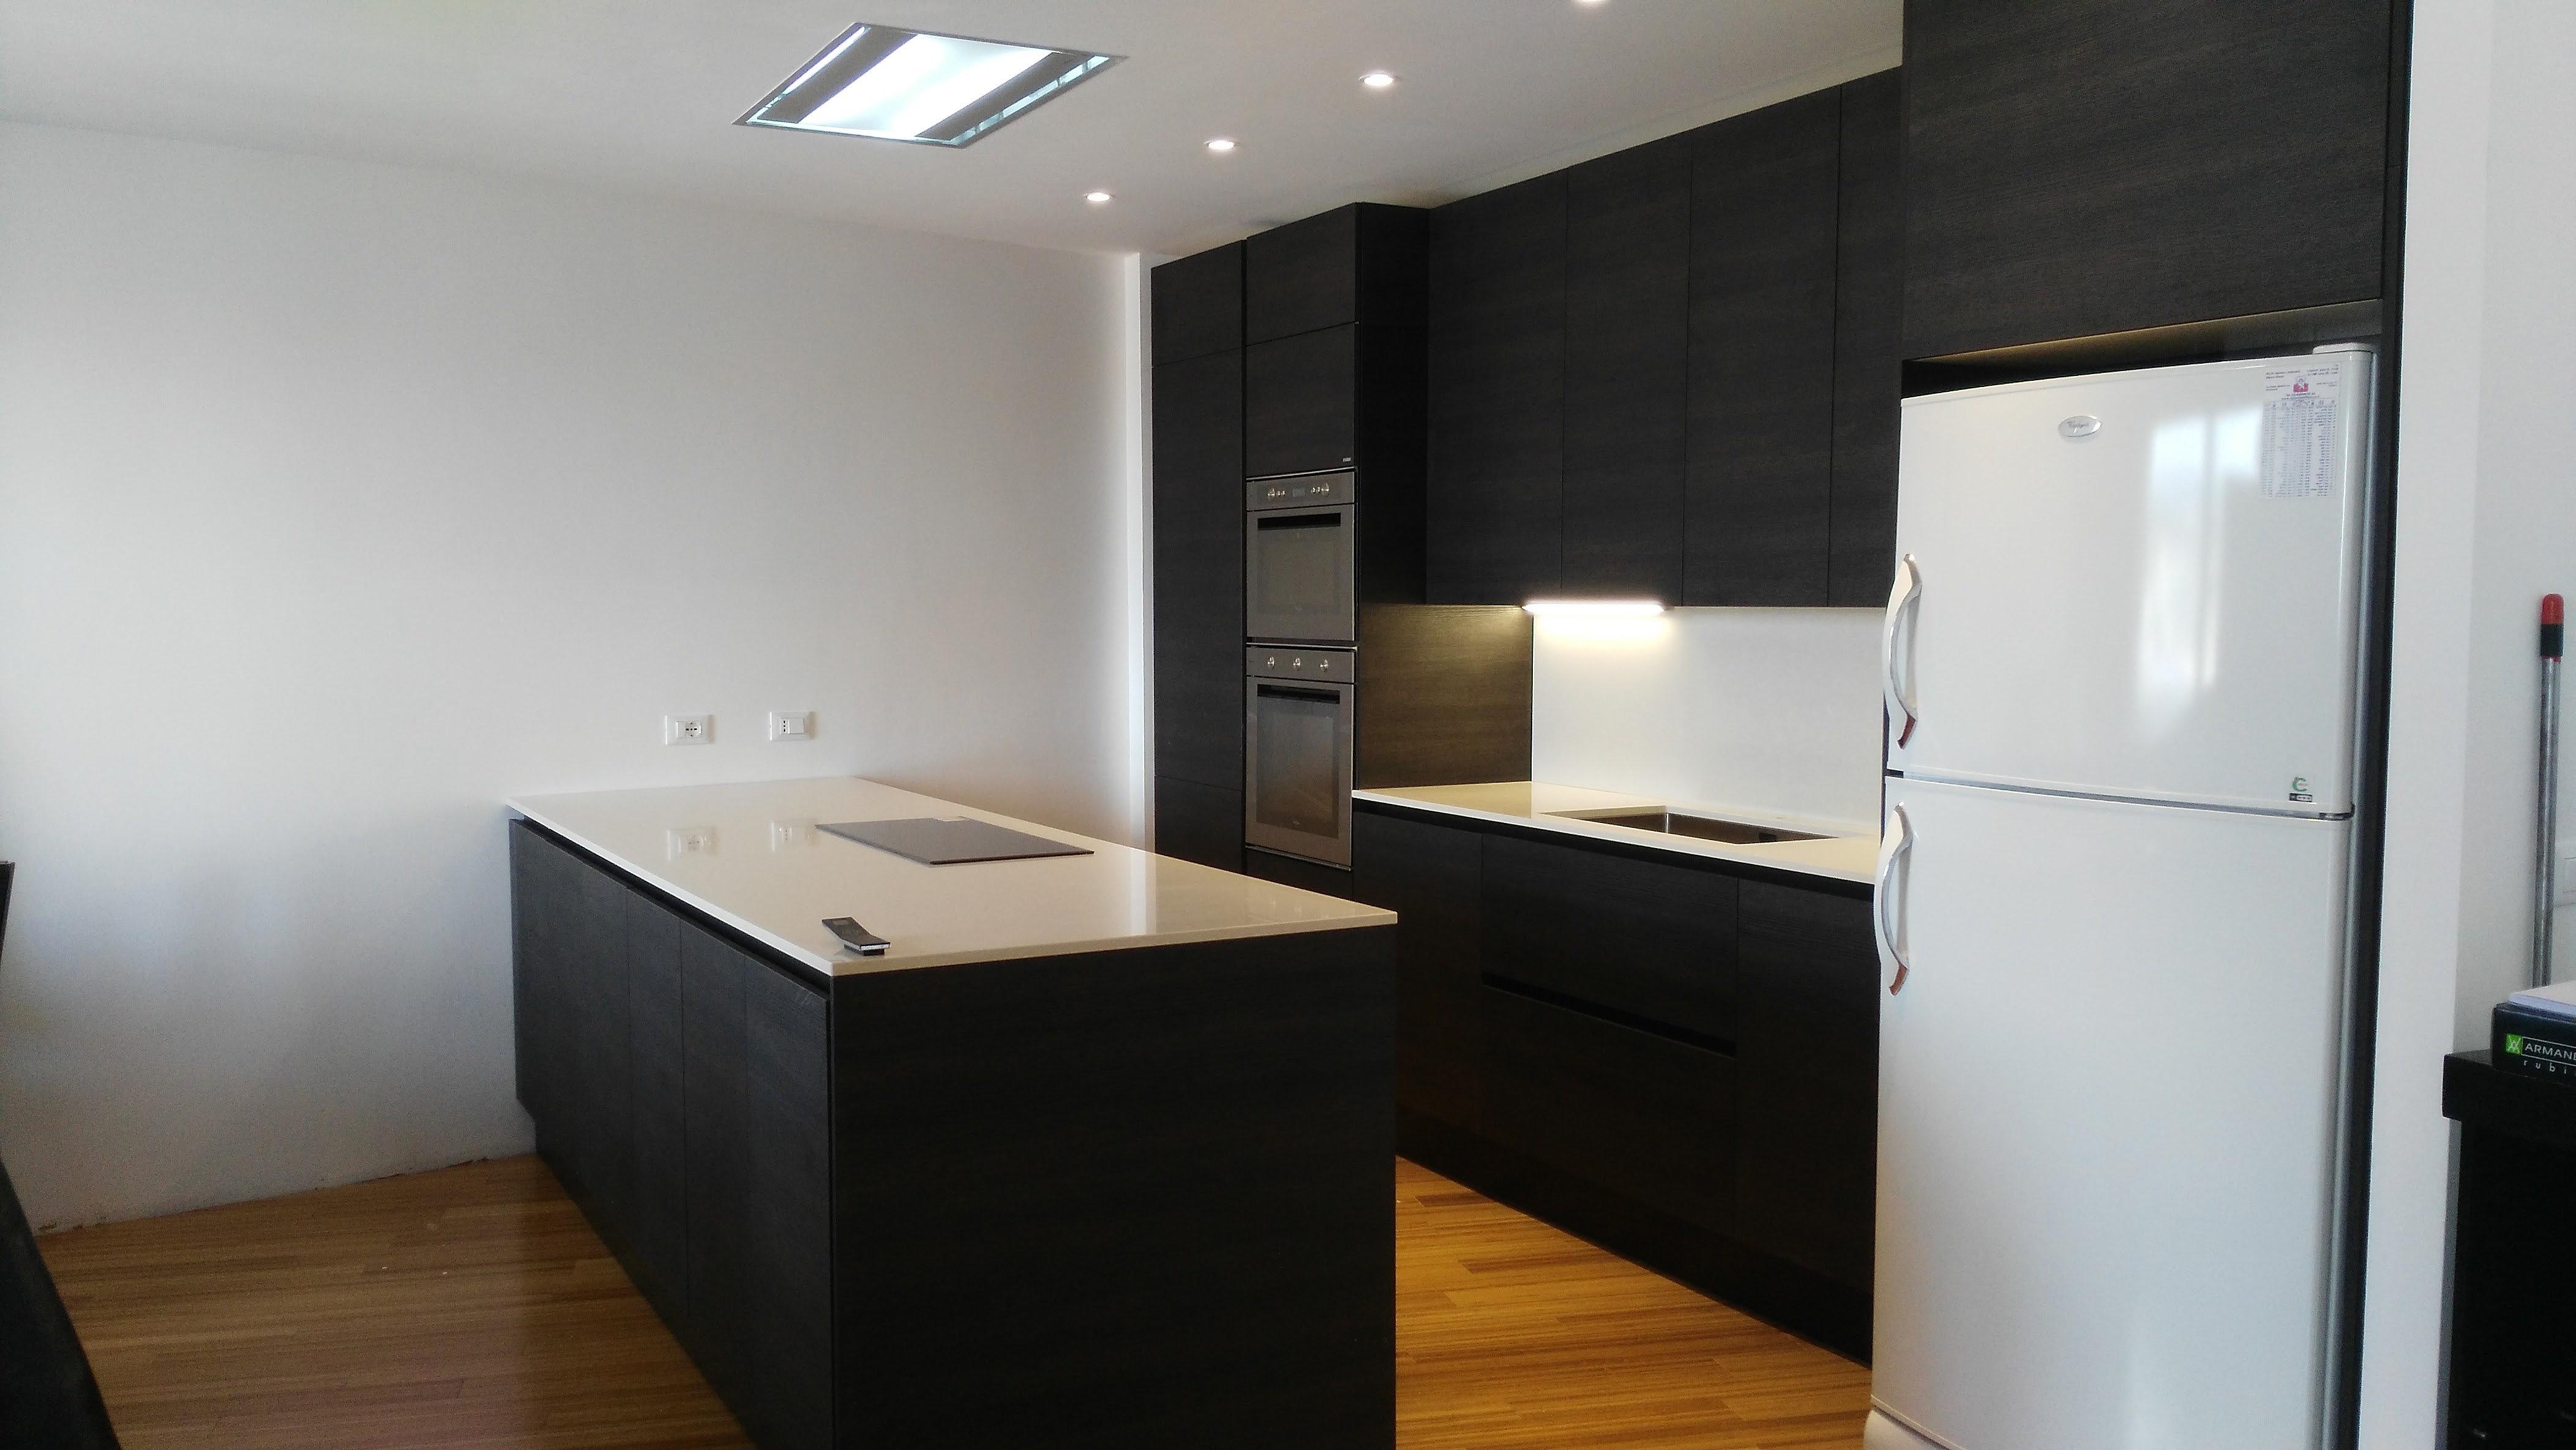 Beautiful Scavolini Cucina Liberamente Gallery - Home Design ...